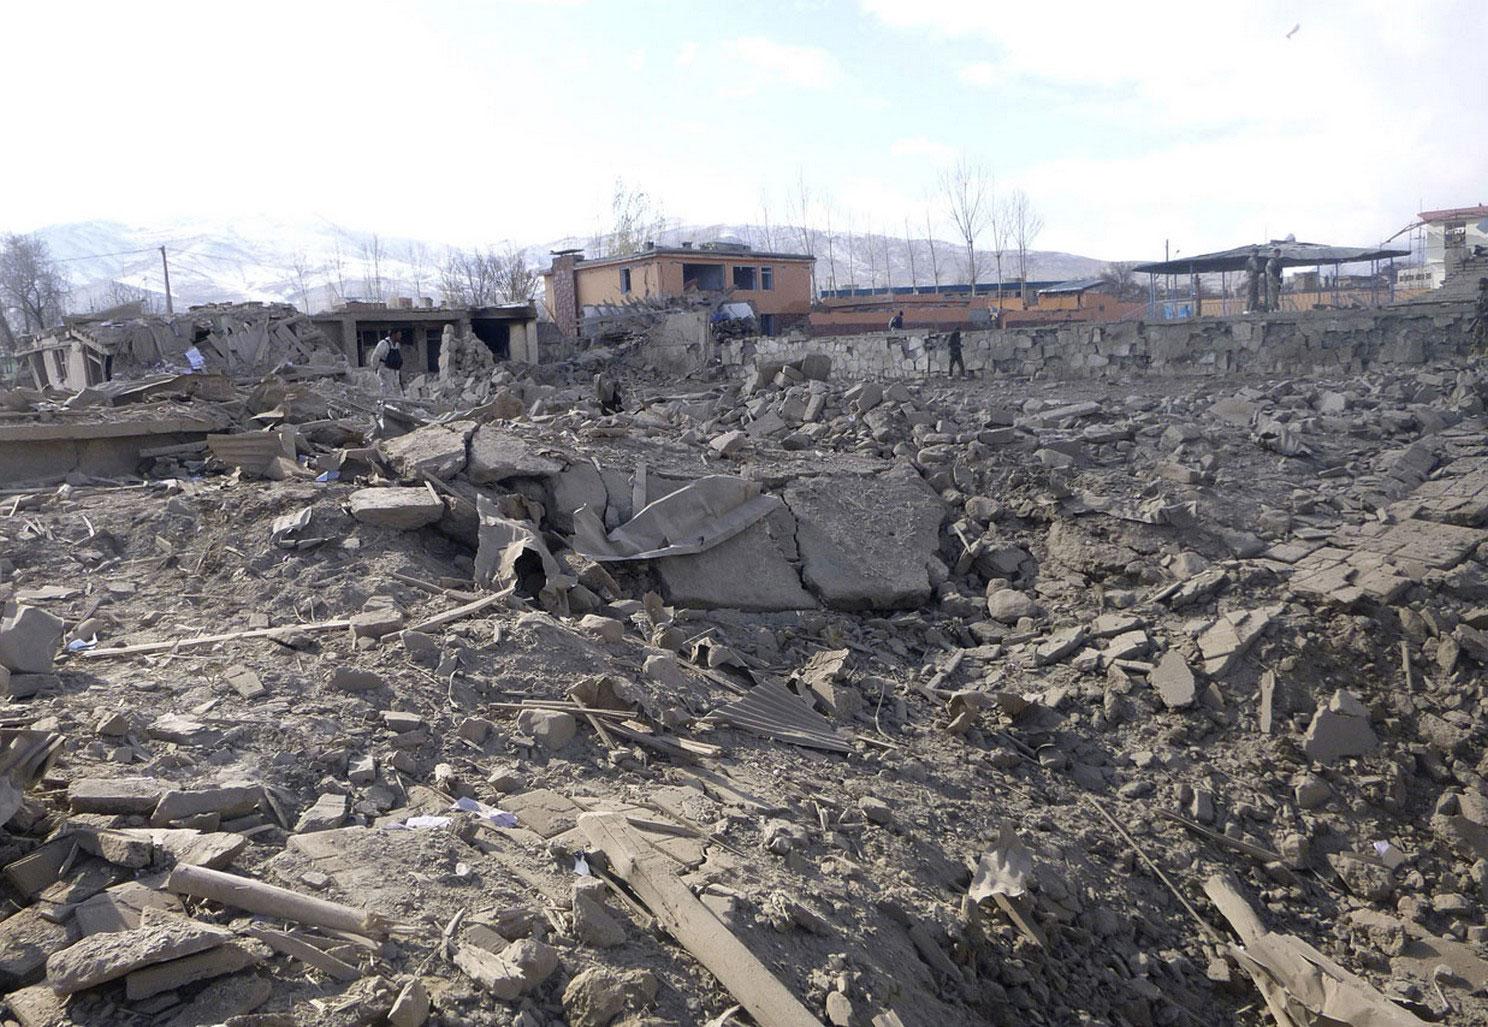 воронка от взрыва бомбы в провинции Вардак